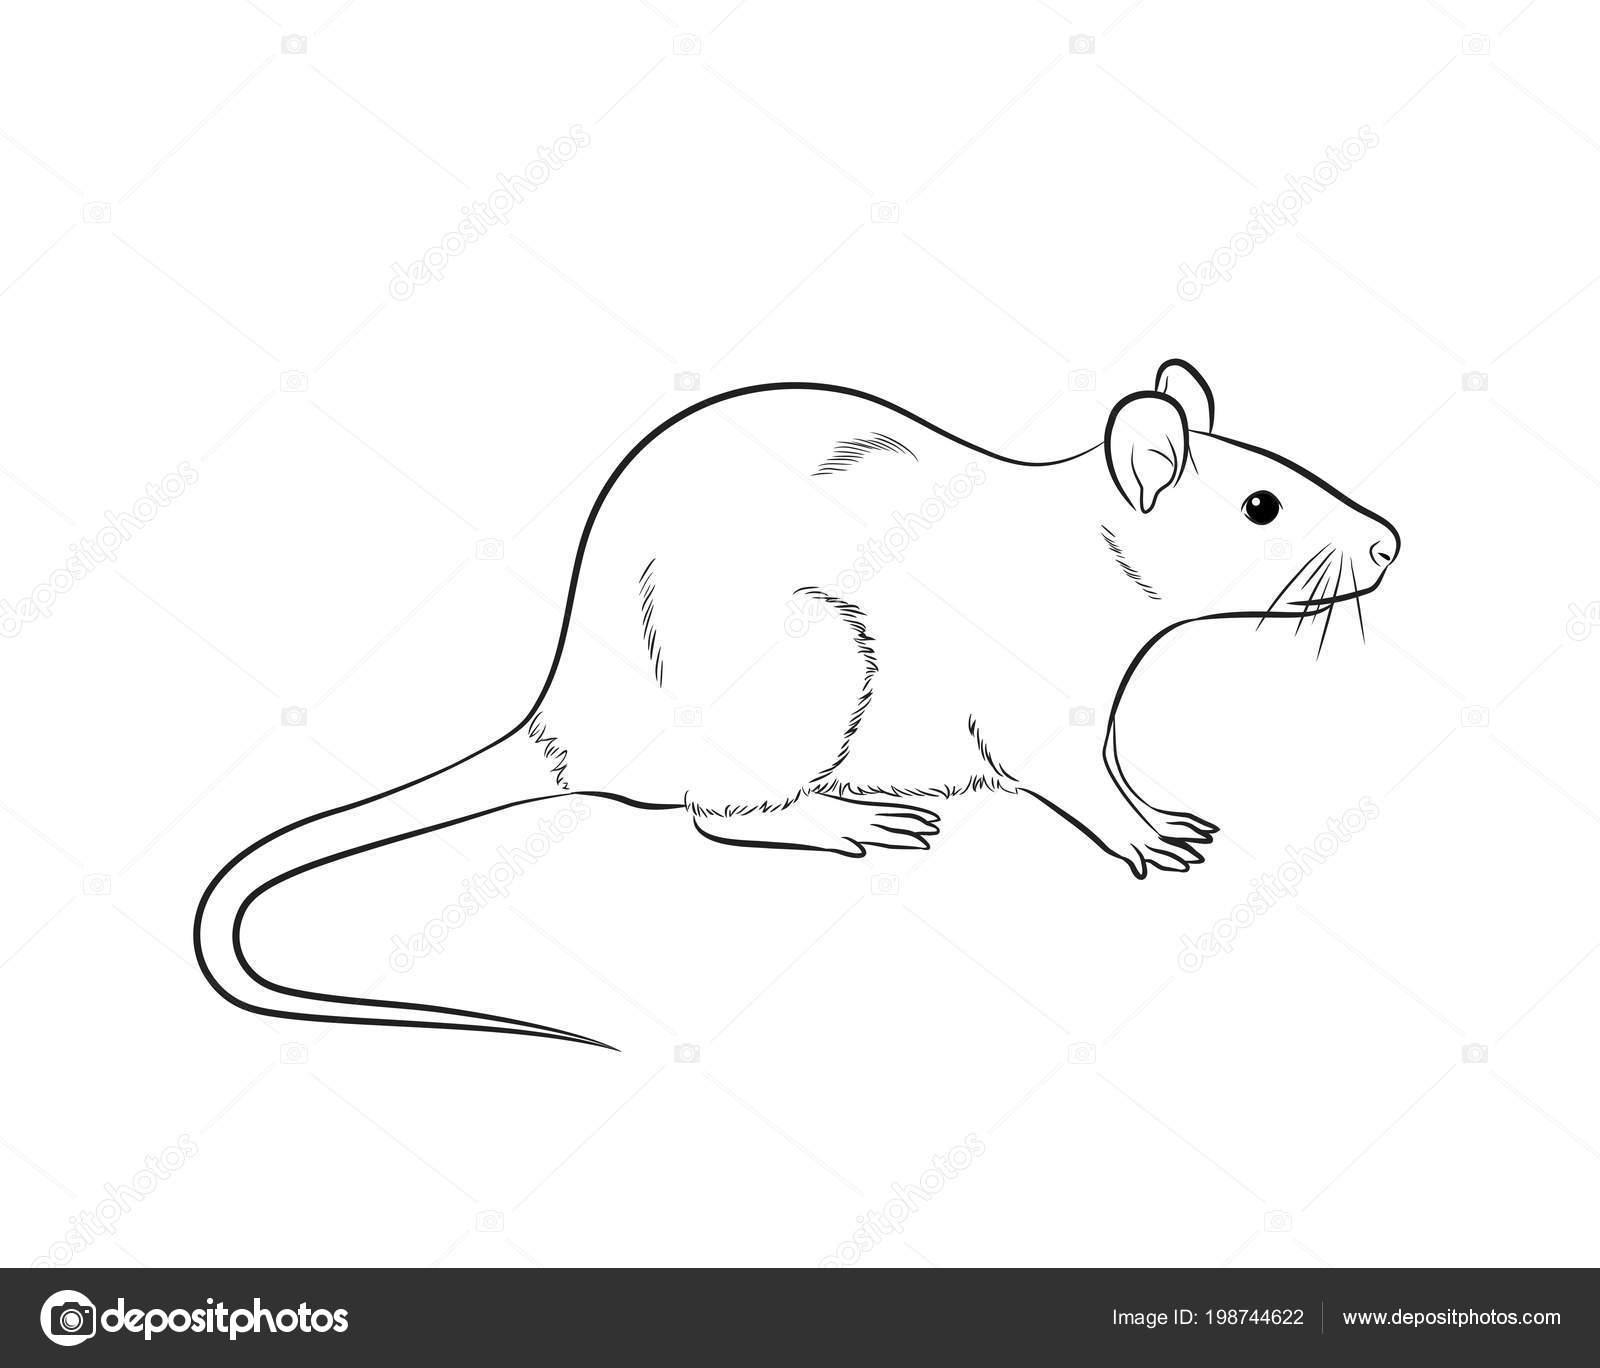 imágenes ratón dibujo vector de dibujo de ratón de dibujos